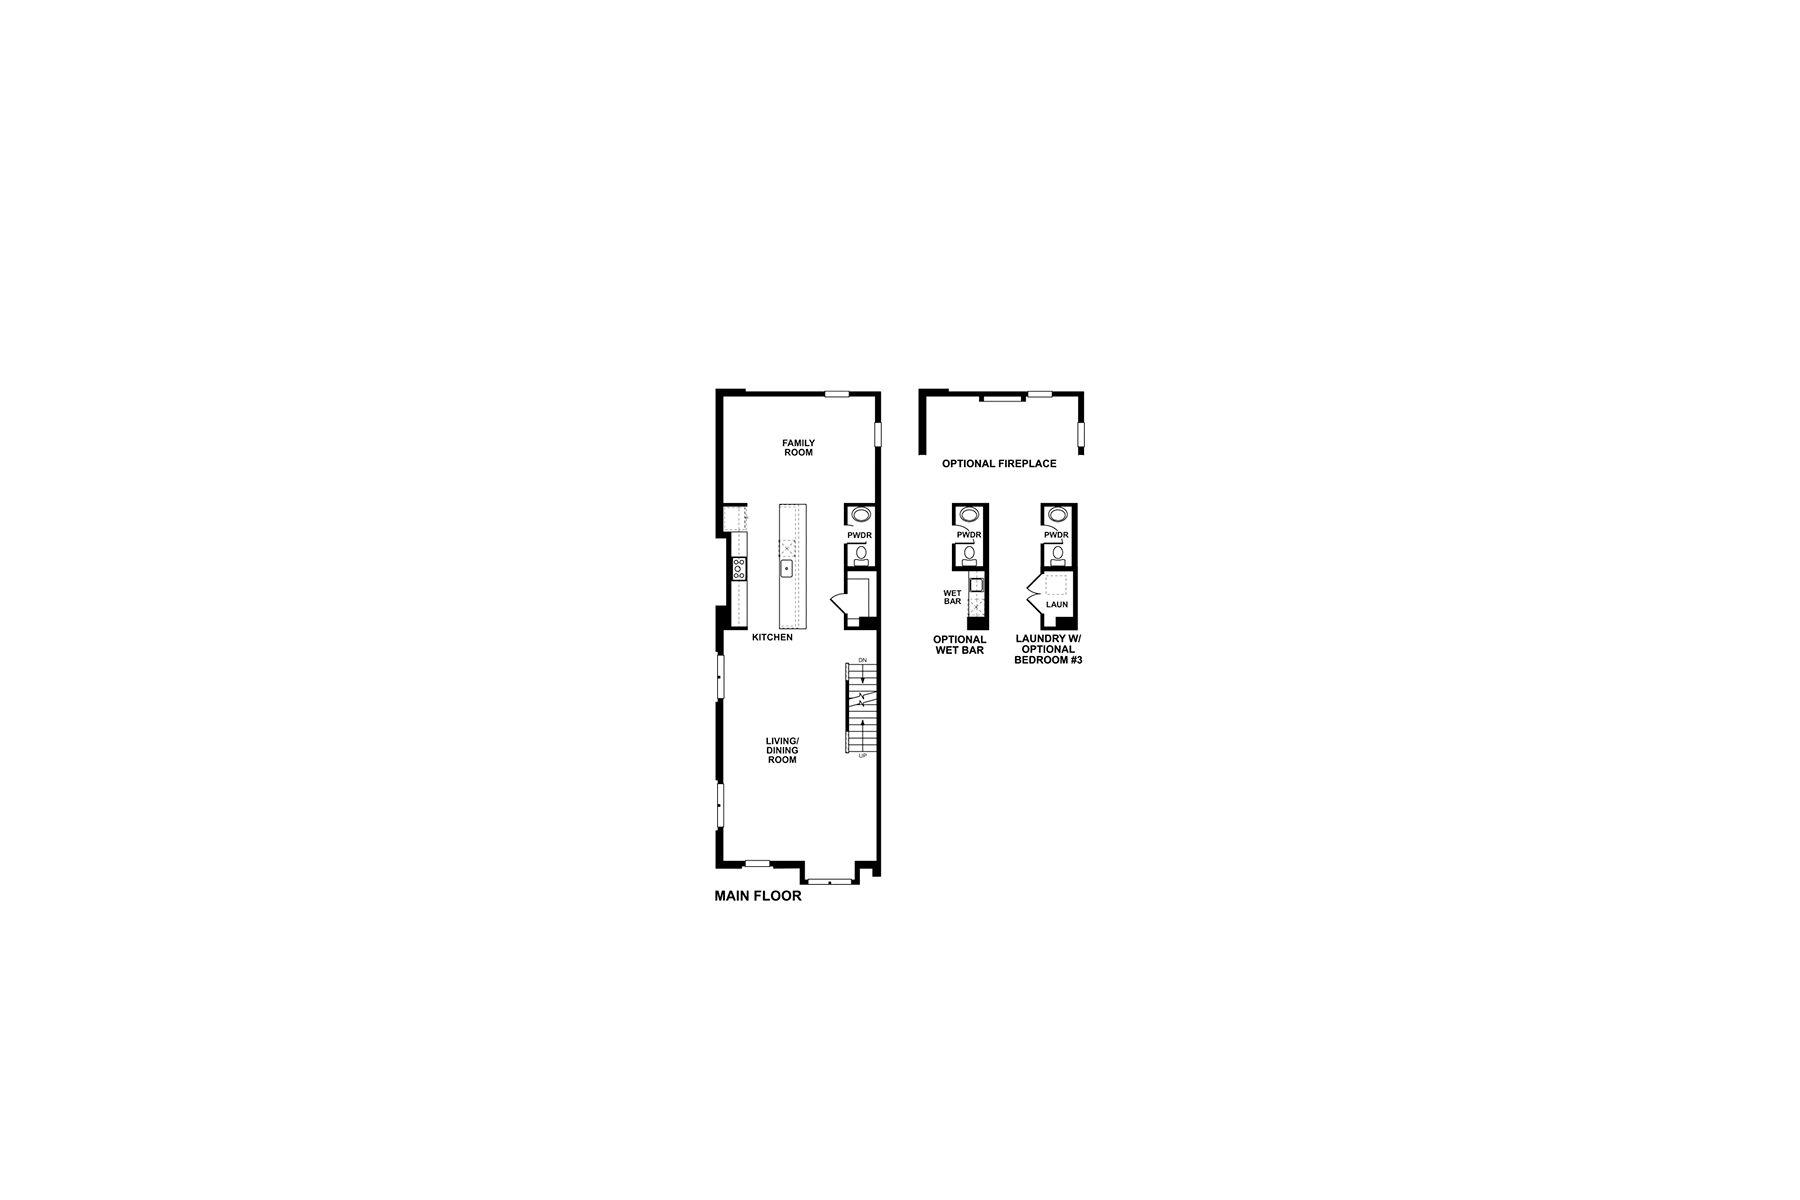 Residence C Main Floor